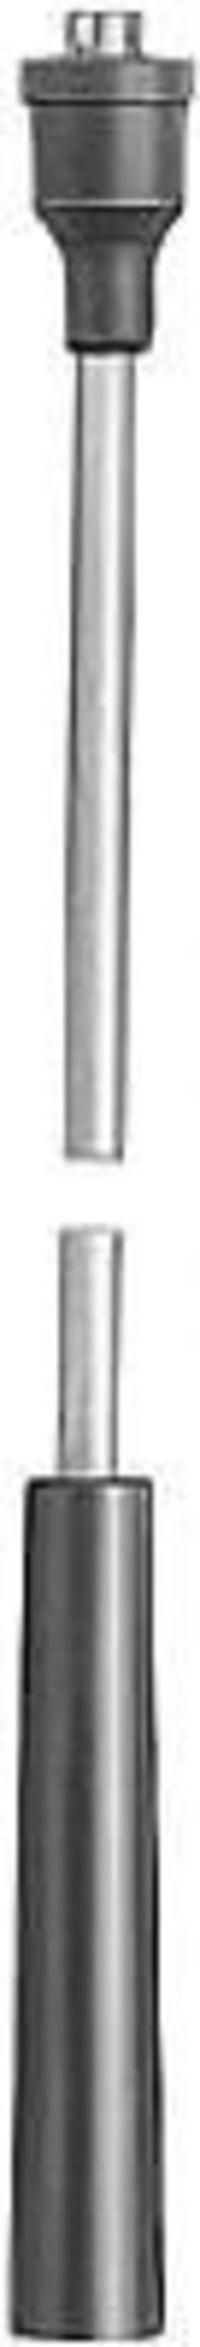 Провод зажигания BERU R120